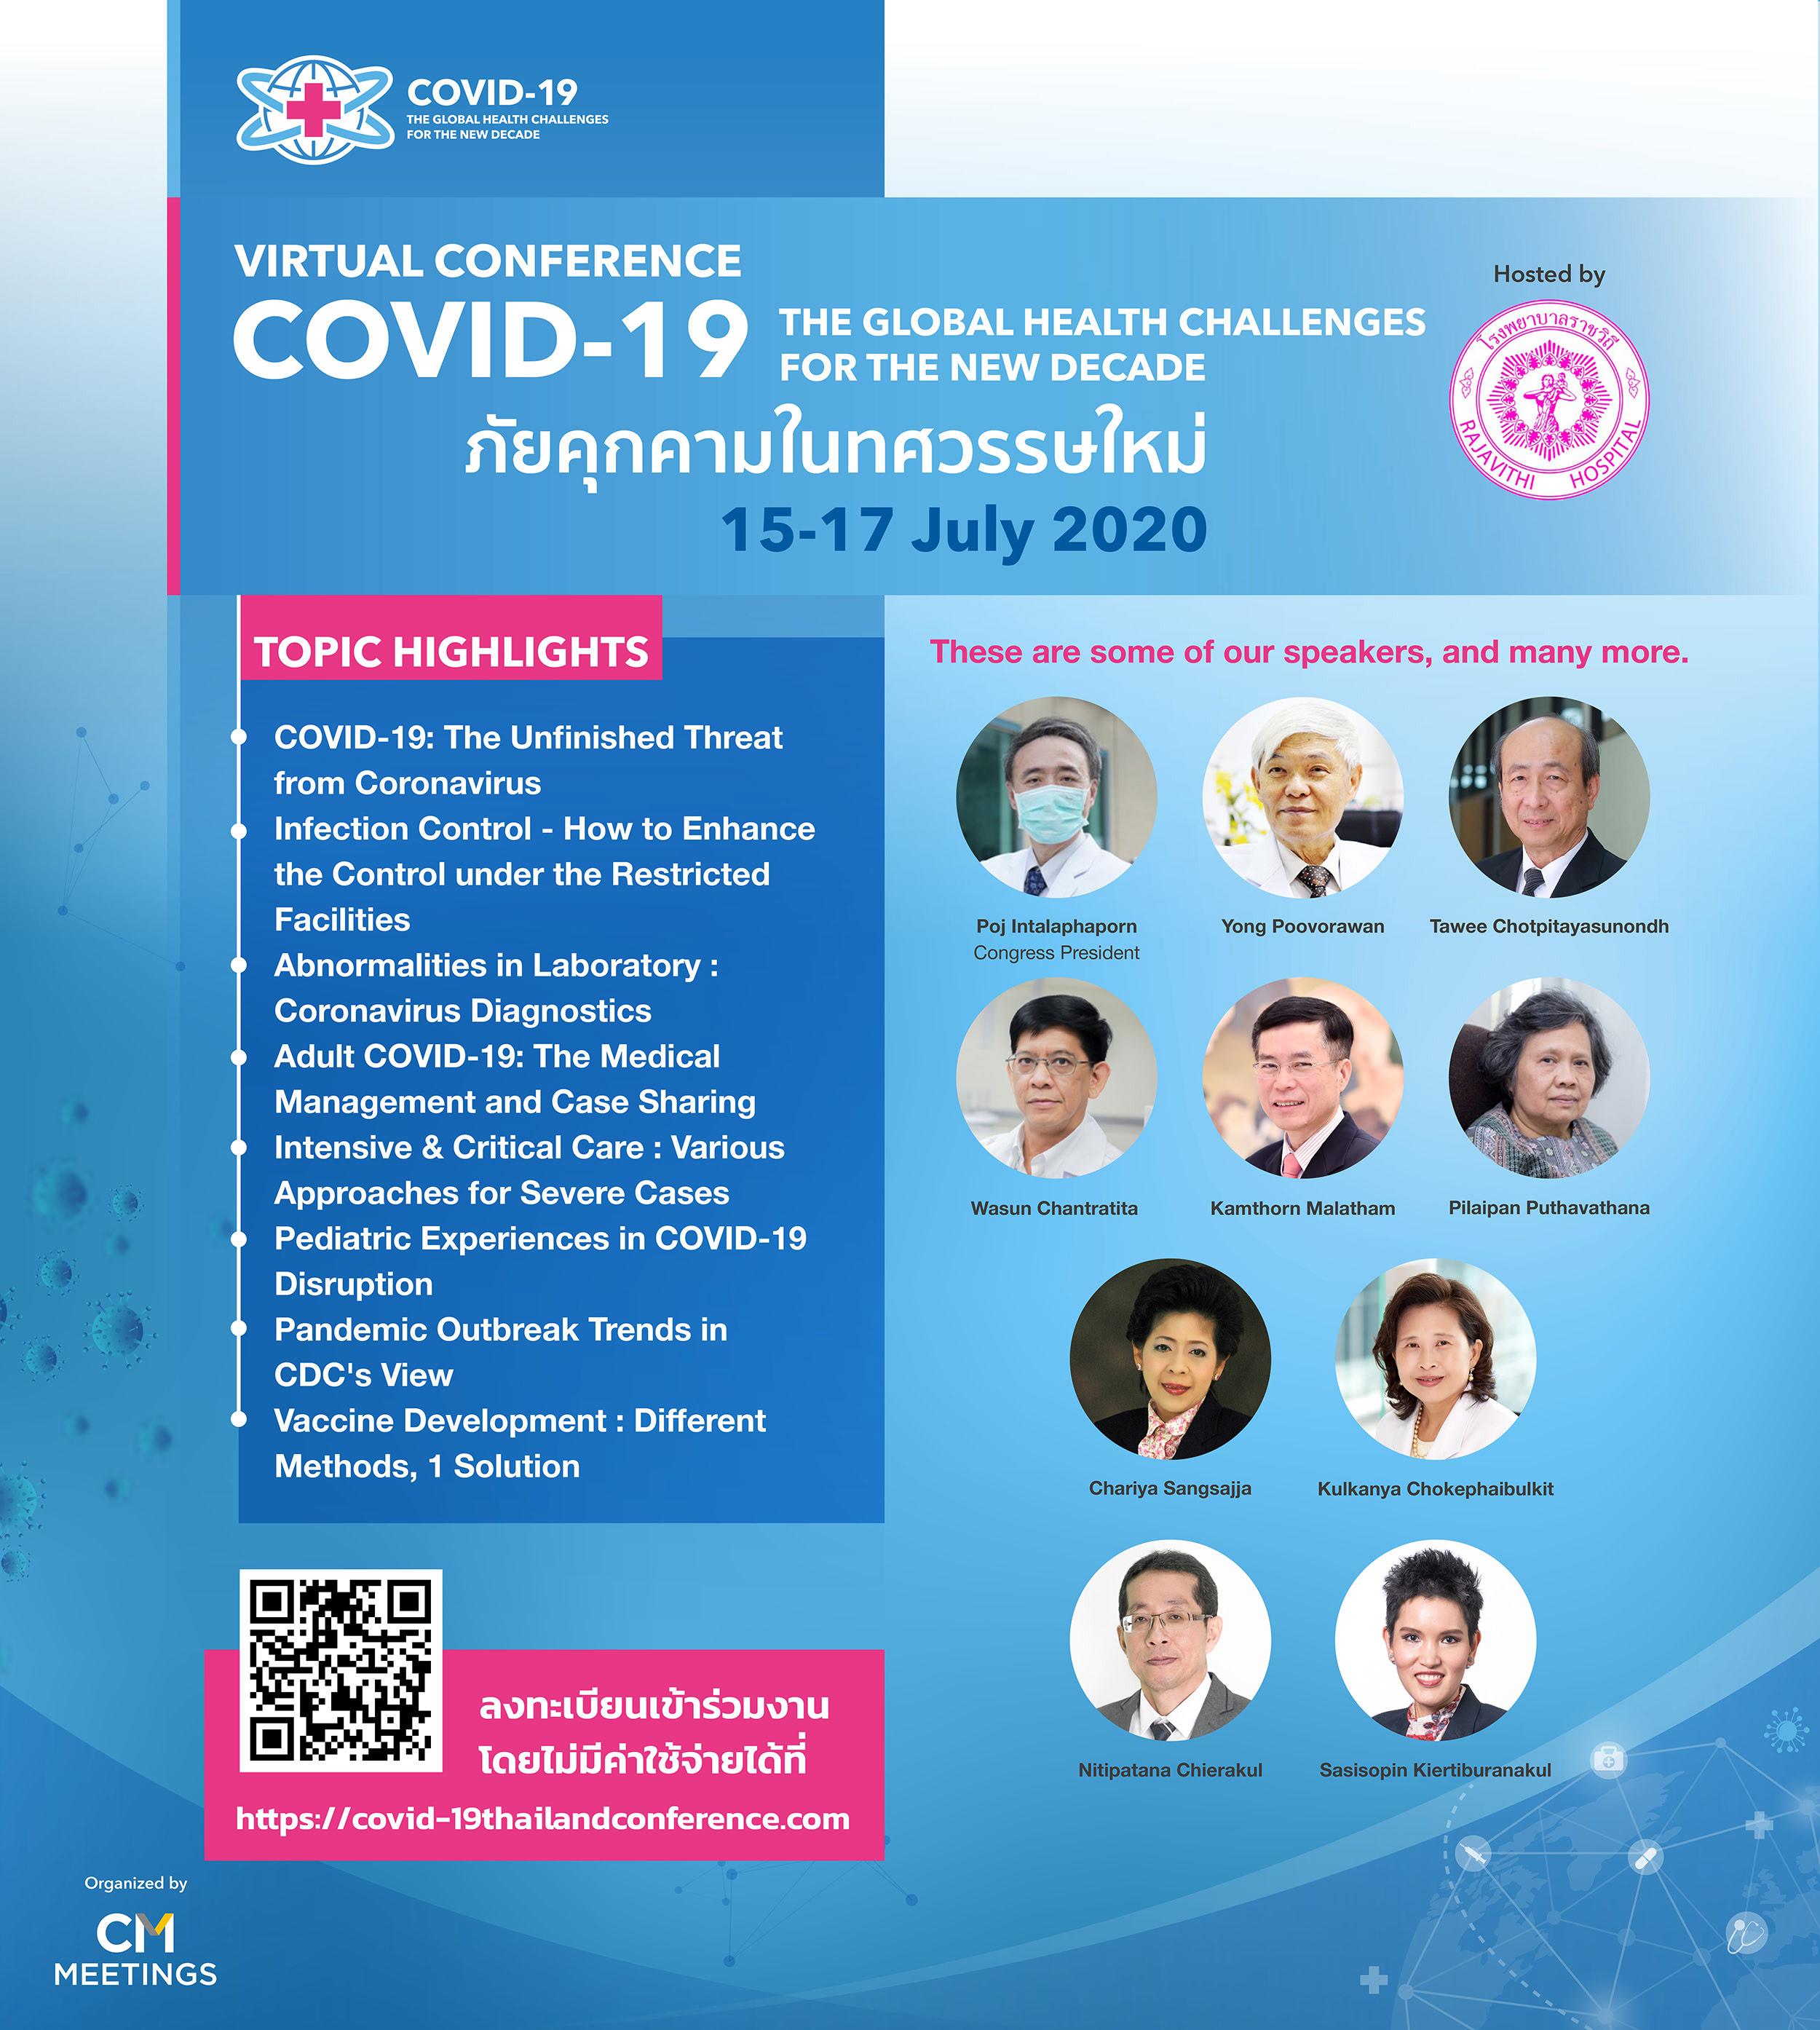 covid-19-virtual-conference